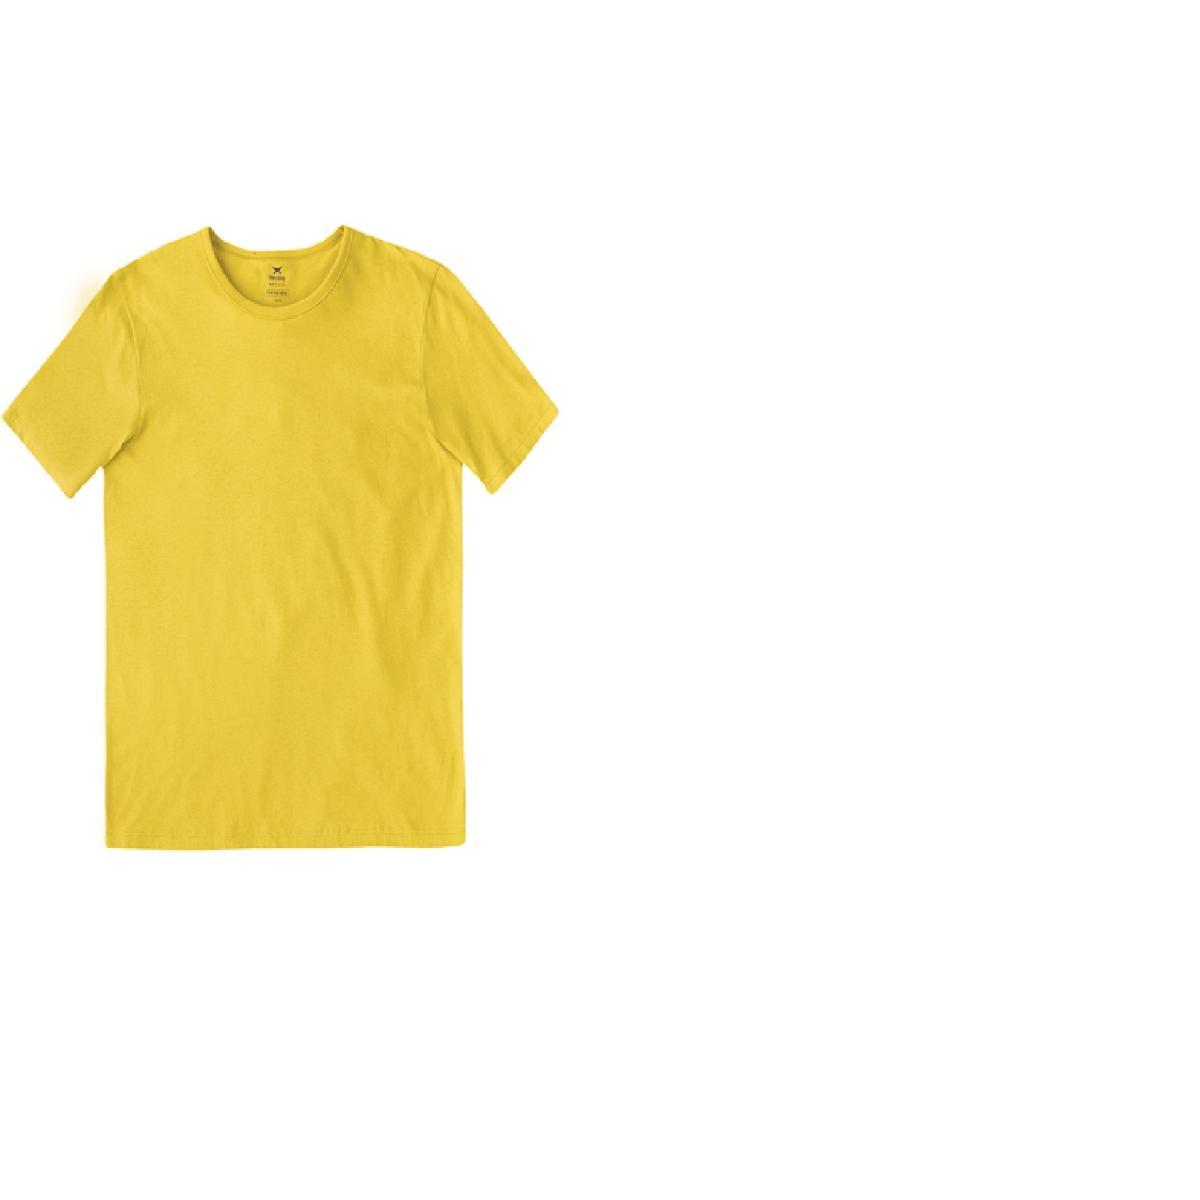 Camiseta Masculina Hering 0299 Y0een Amarelo